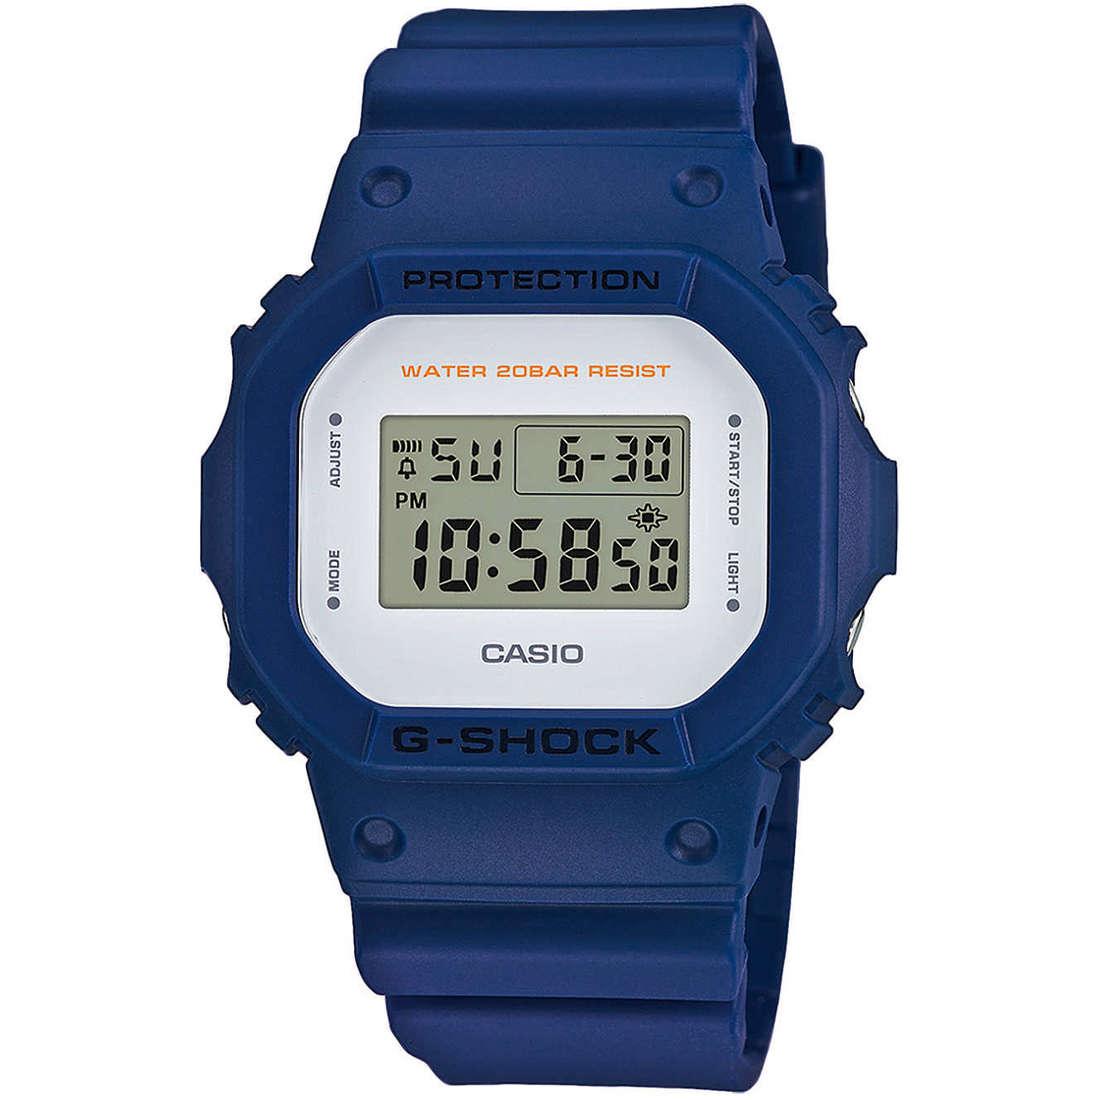 montre numérique unisex Casio G-Shock DW-5600M-2ER